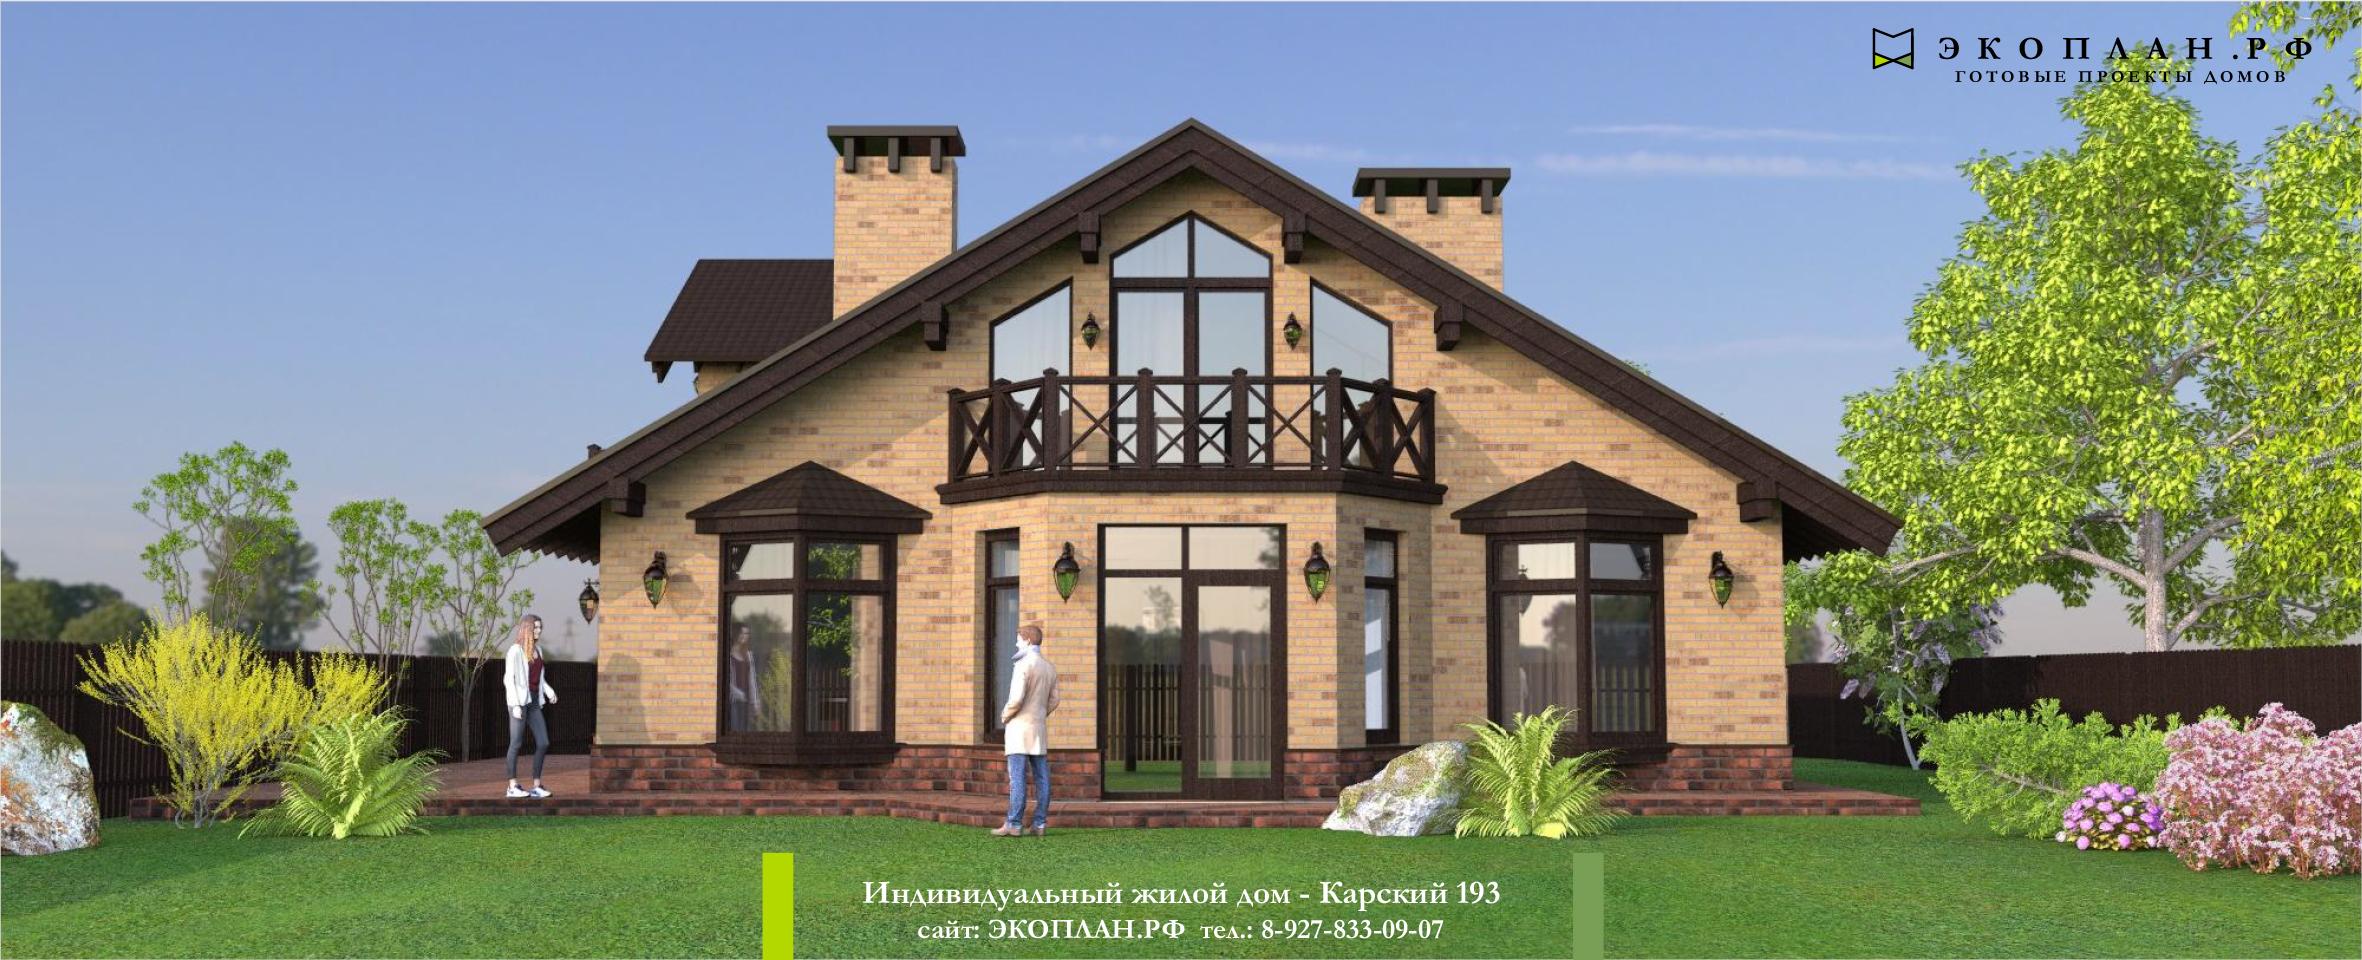 Карский 193 - Готовый проект дома - Экоплан.рф фасад